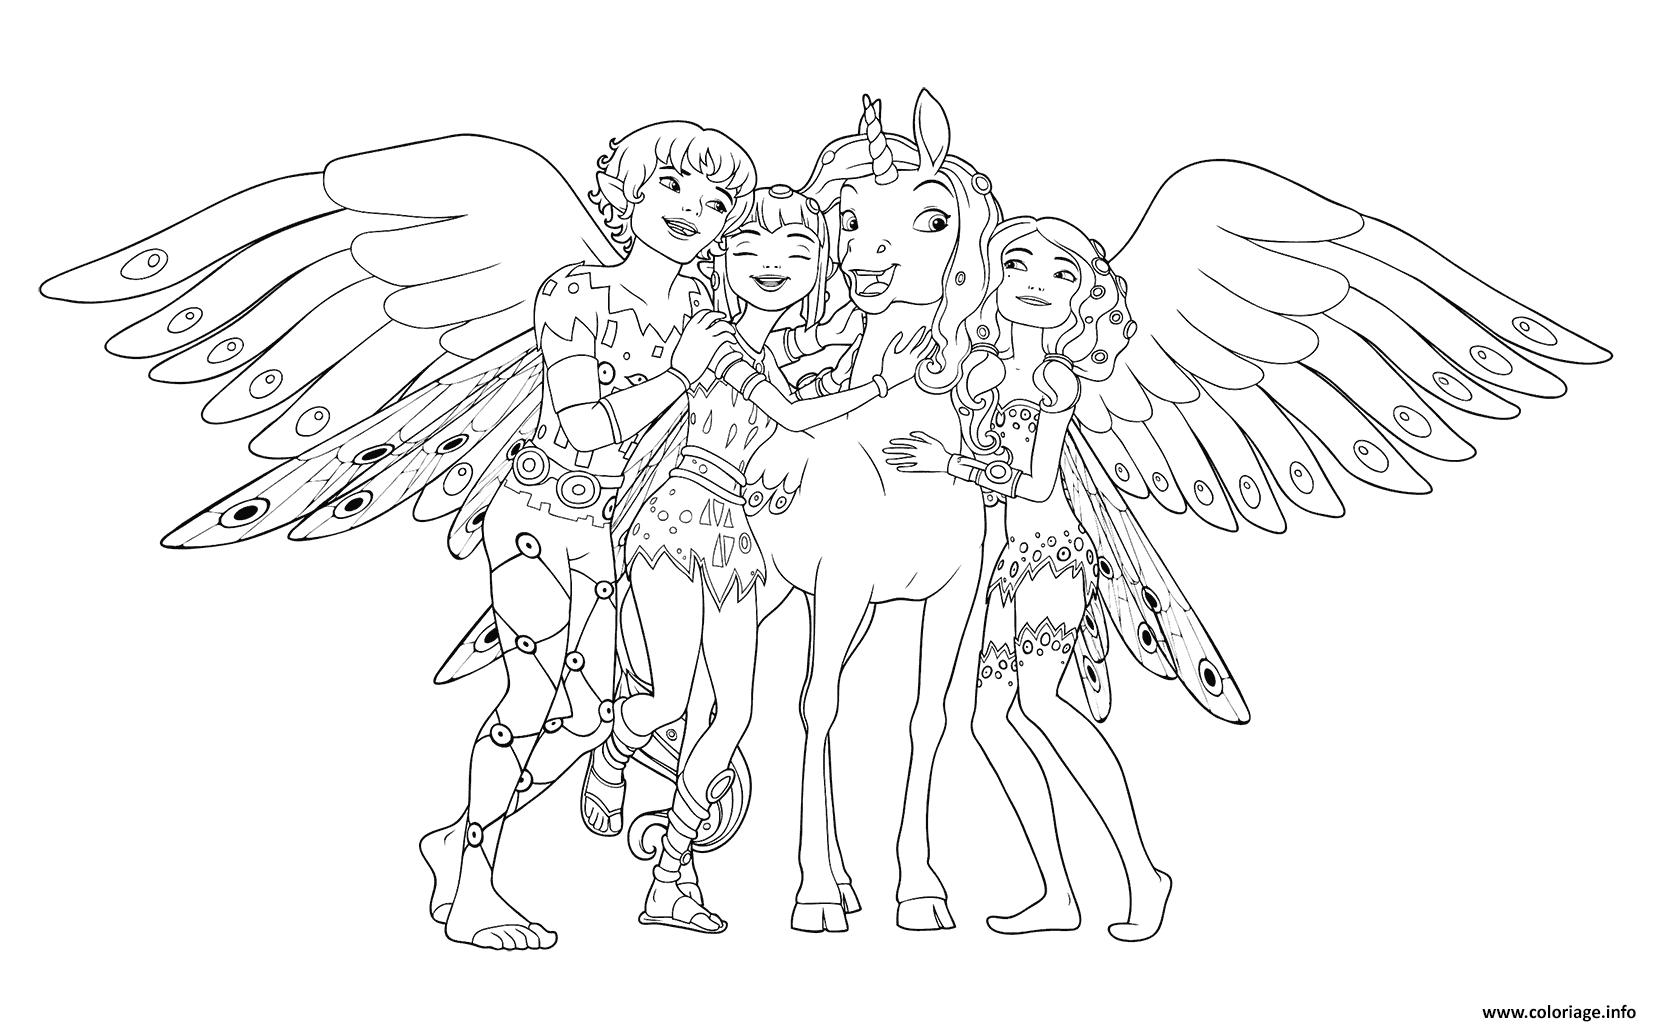 mia et moi avec ses amies coloriage dessin